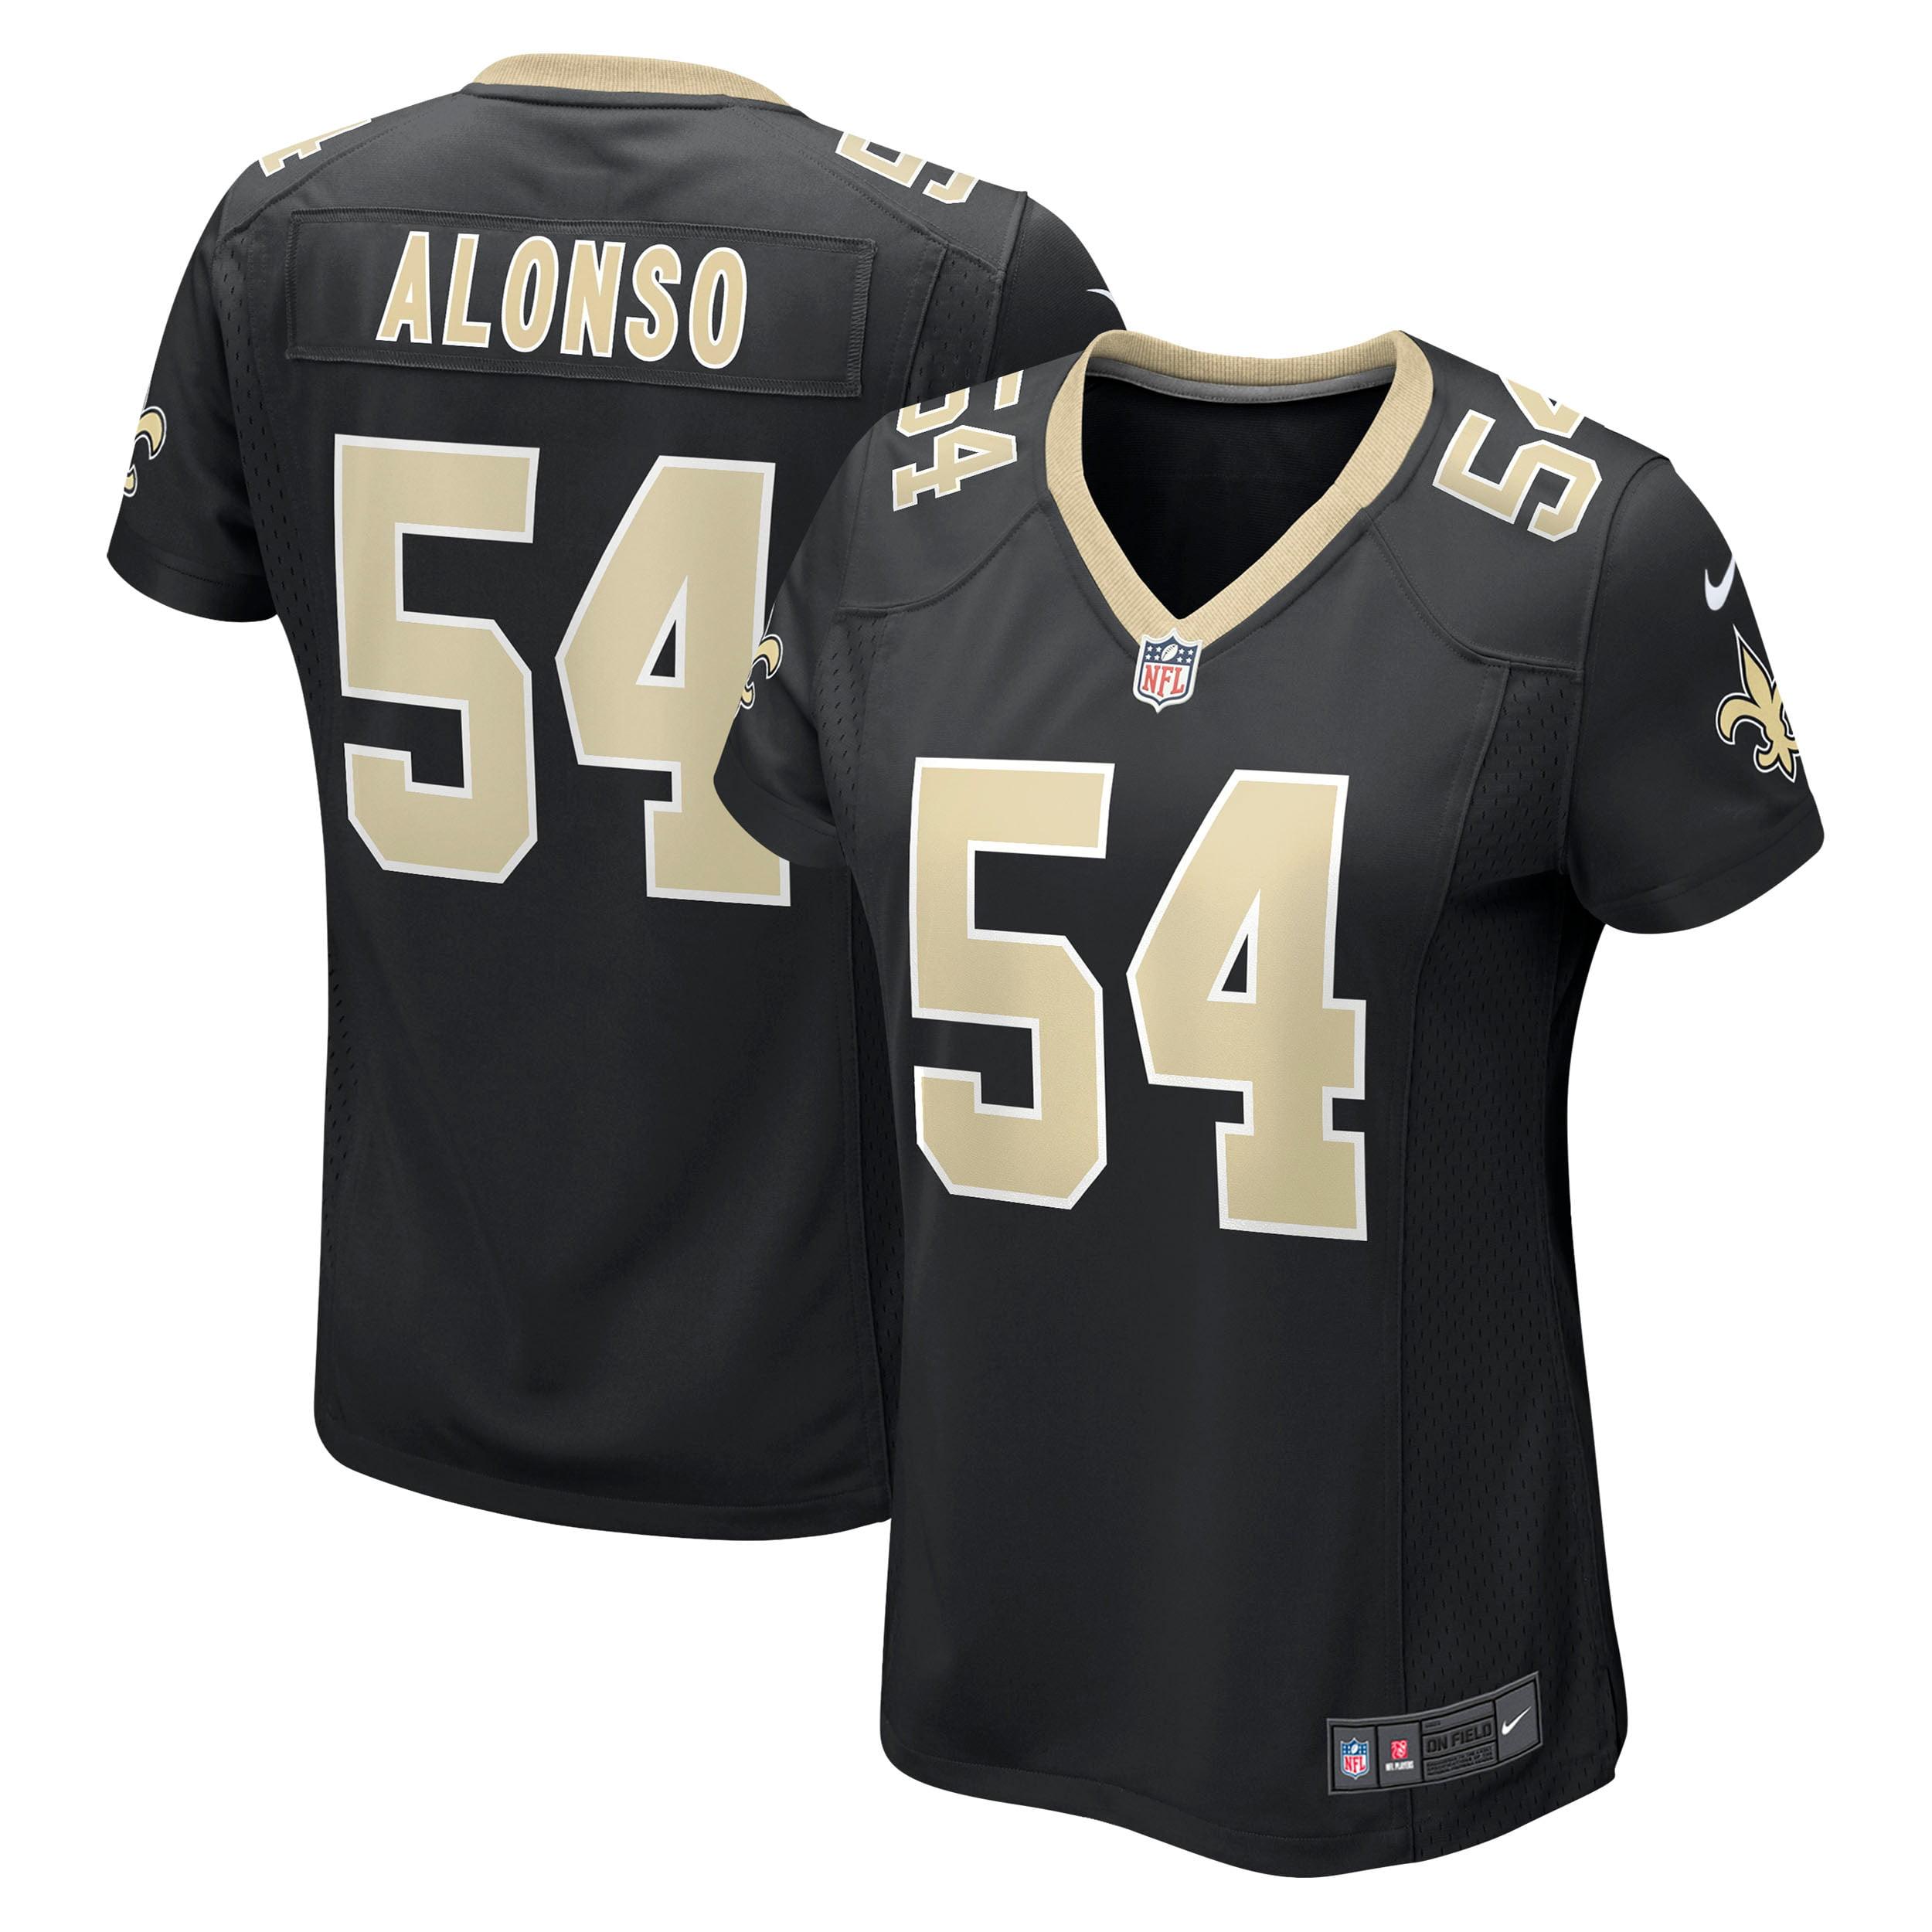 Kiko Alonso New Orleans Saints Nike Women's Game Jersey - Black - Walmart.com